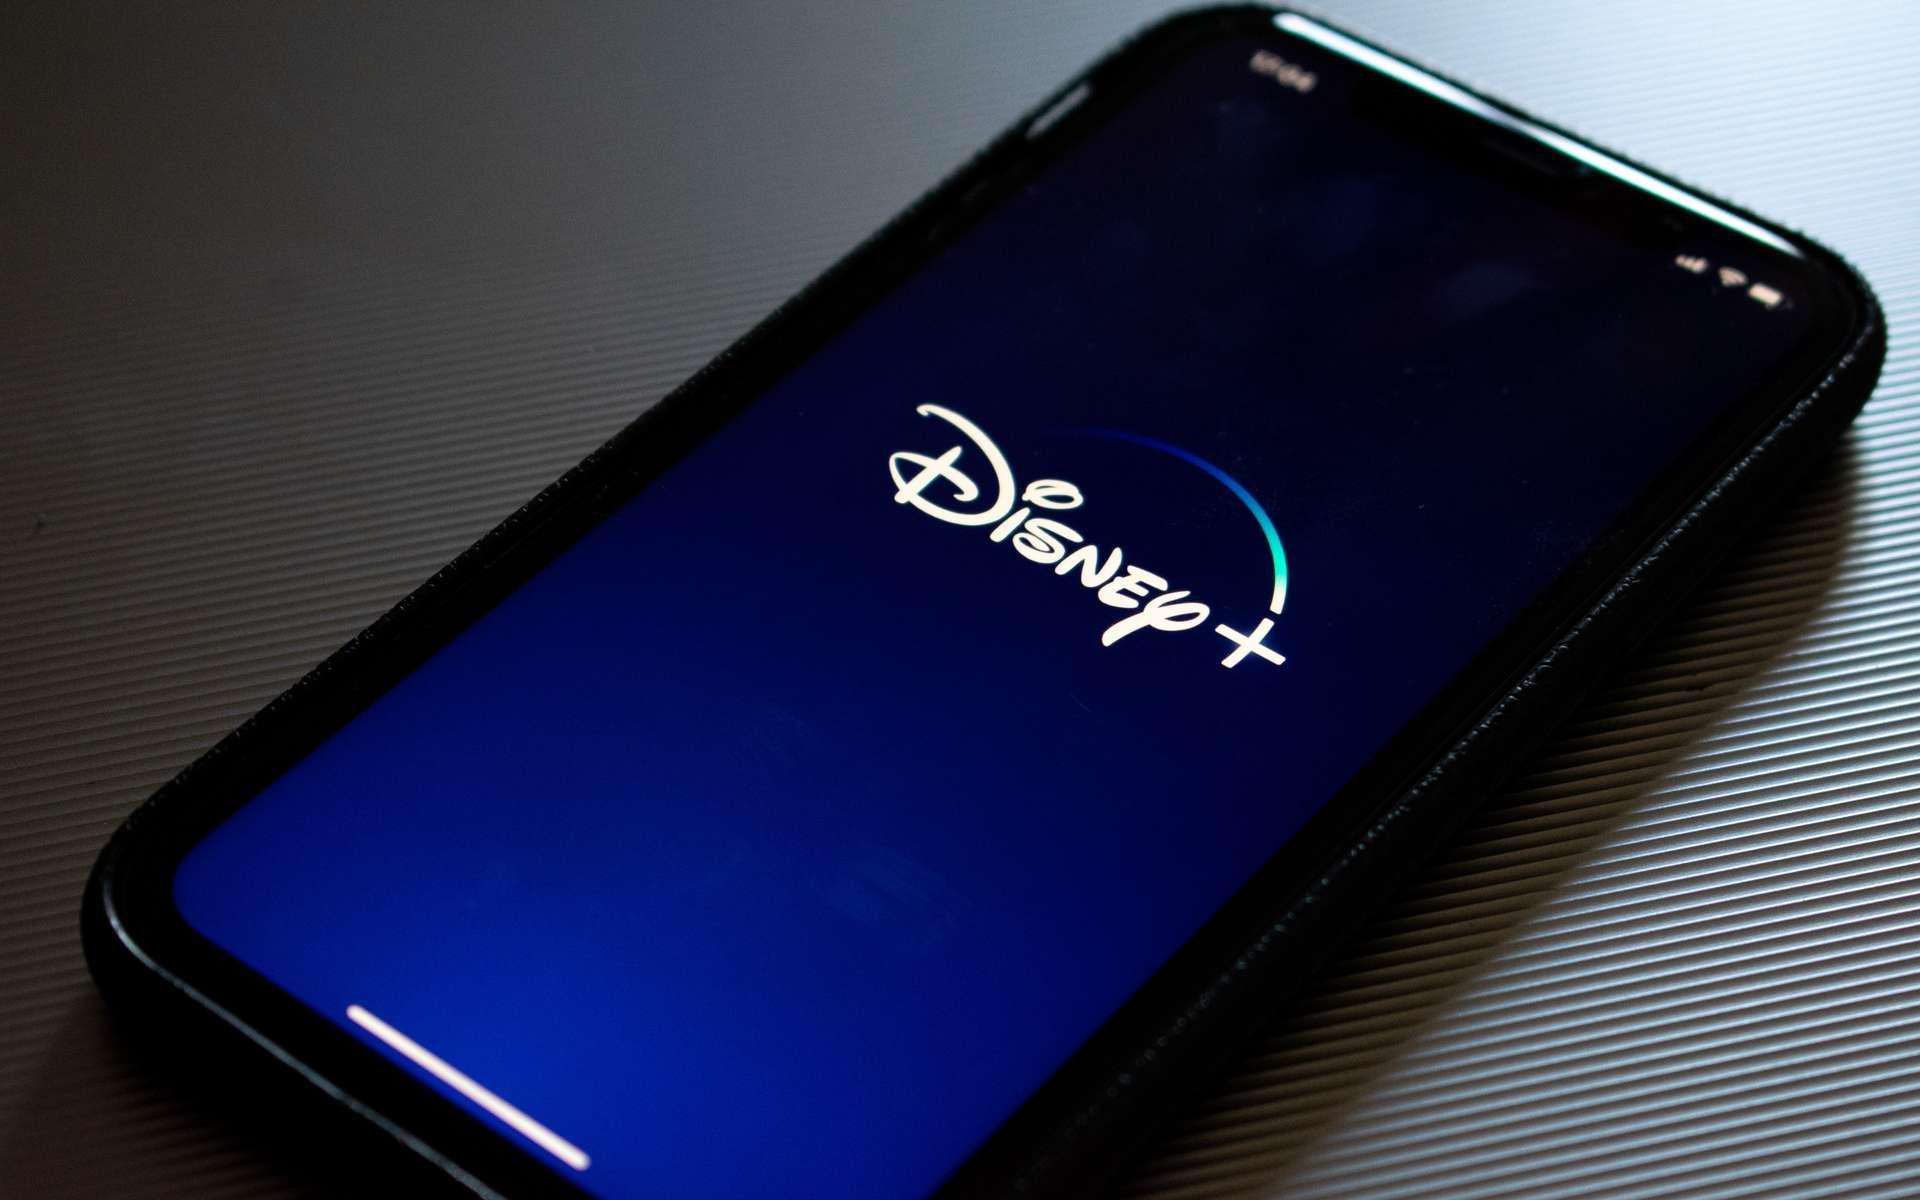 Bon plan : Découvrez Disney+ avec Canal+ à 19,90 €/mois © Kon Karampelas, Unsplash